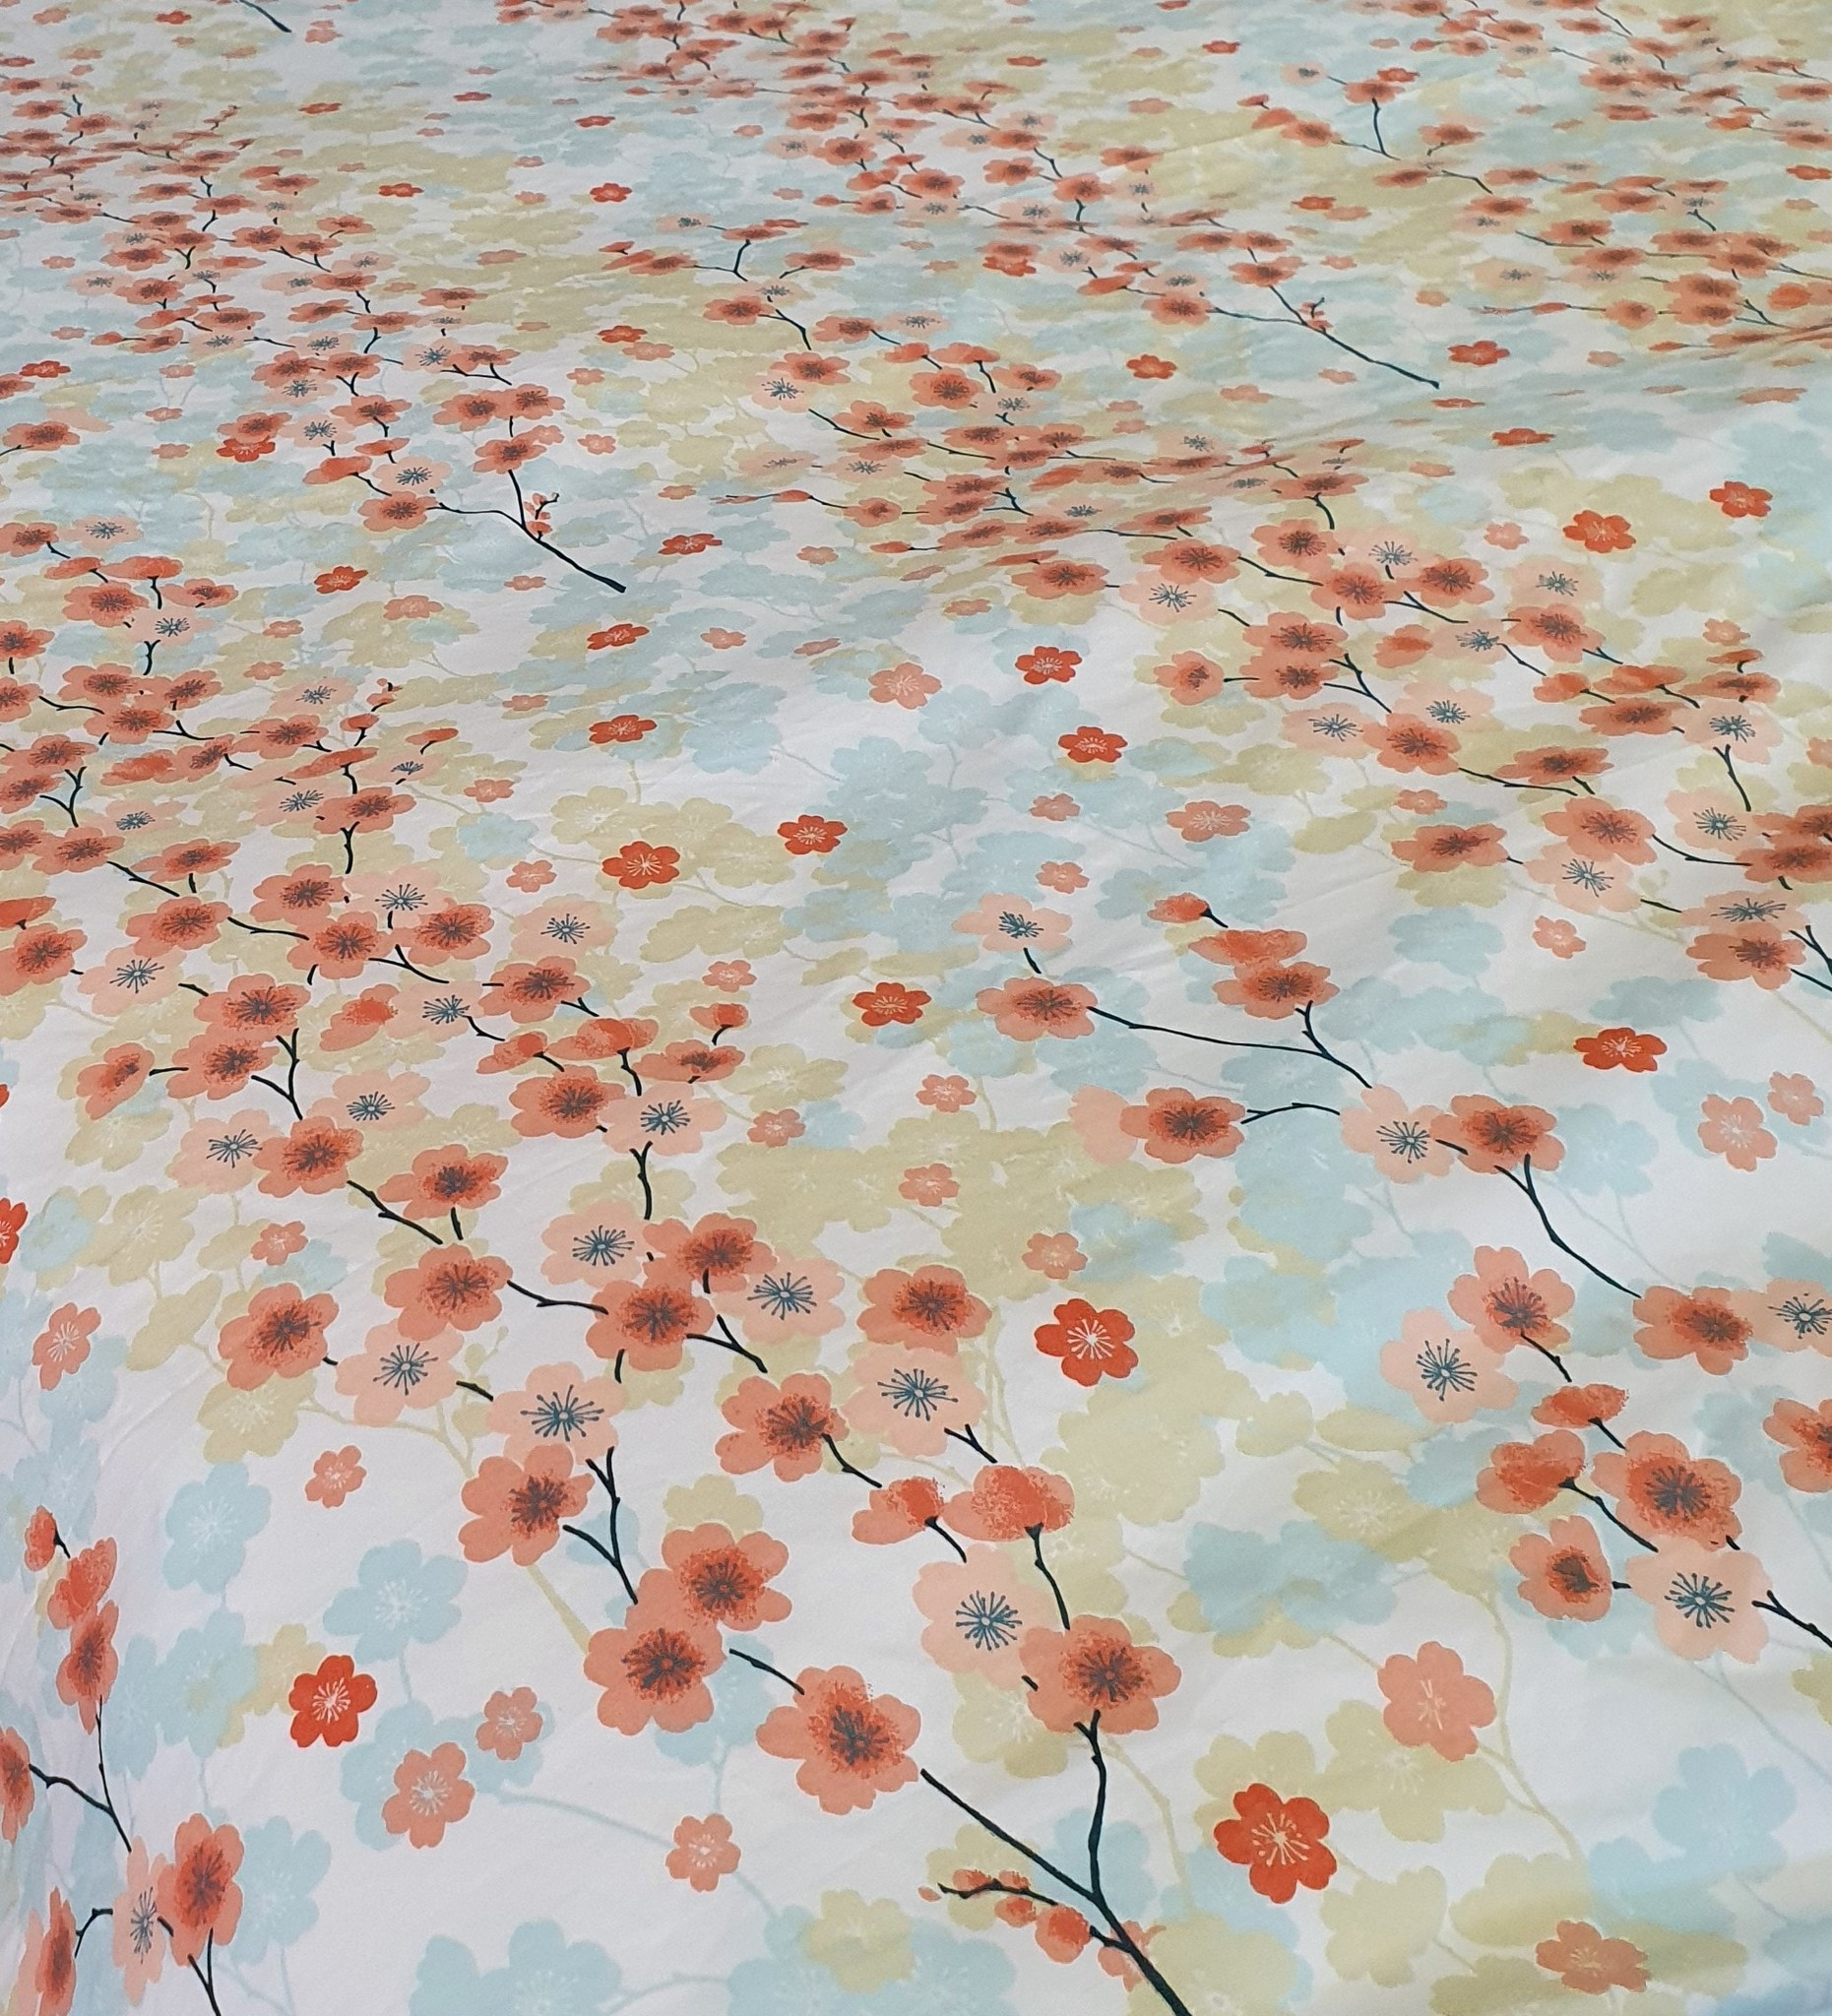 Sofiben Budgetline Sofiben dekbedovertrek met rits Cherry Blossom  katoenmenging 70% katoen / 30% polyester, 200x200 met 2 kussenslopen